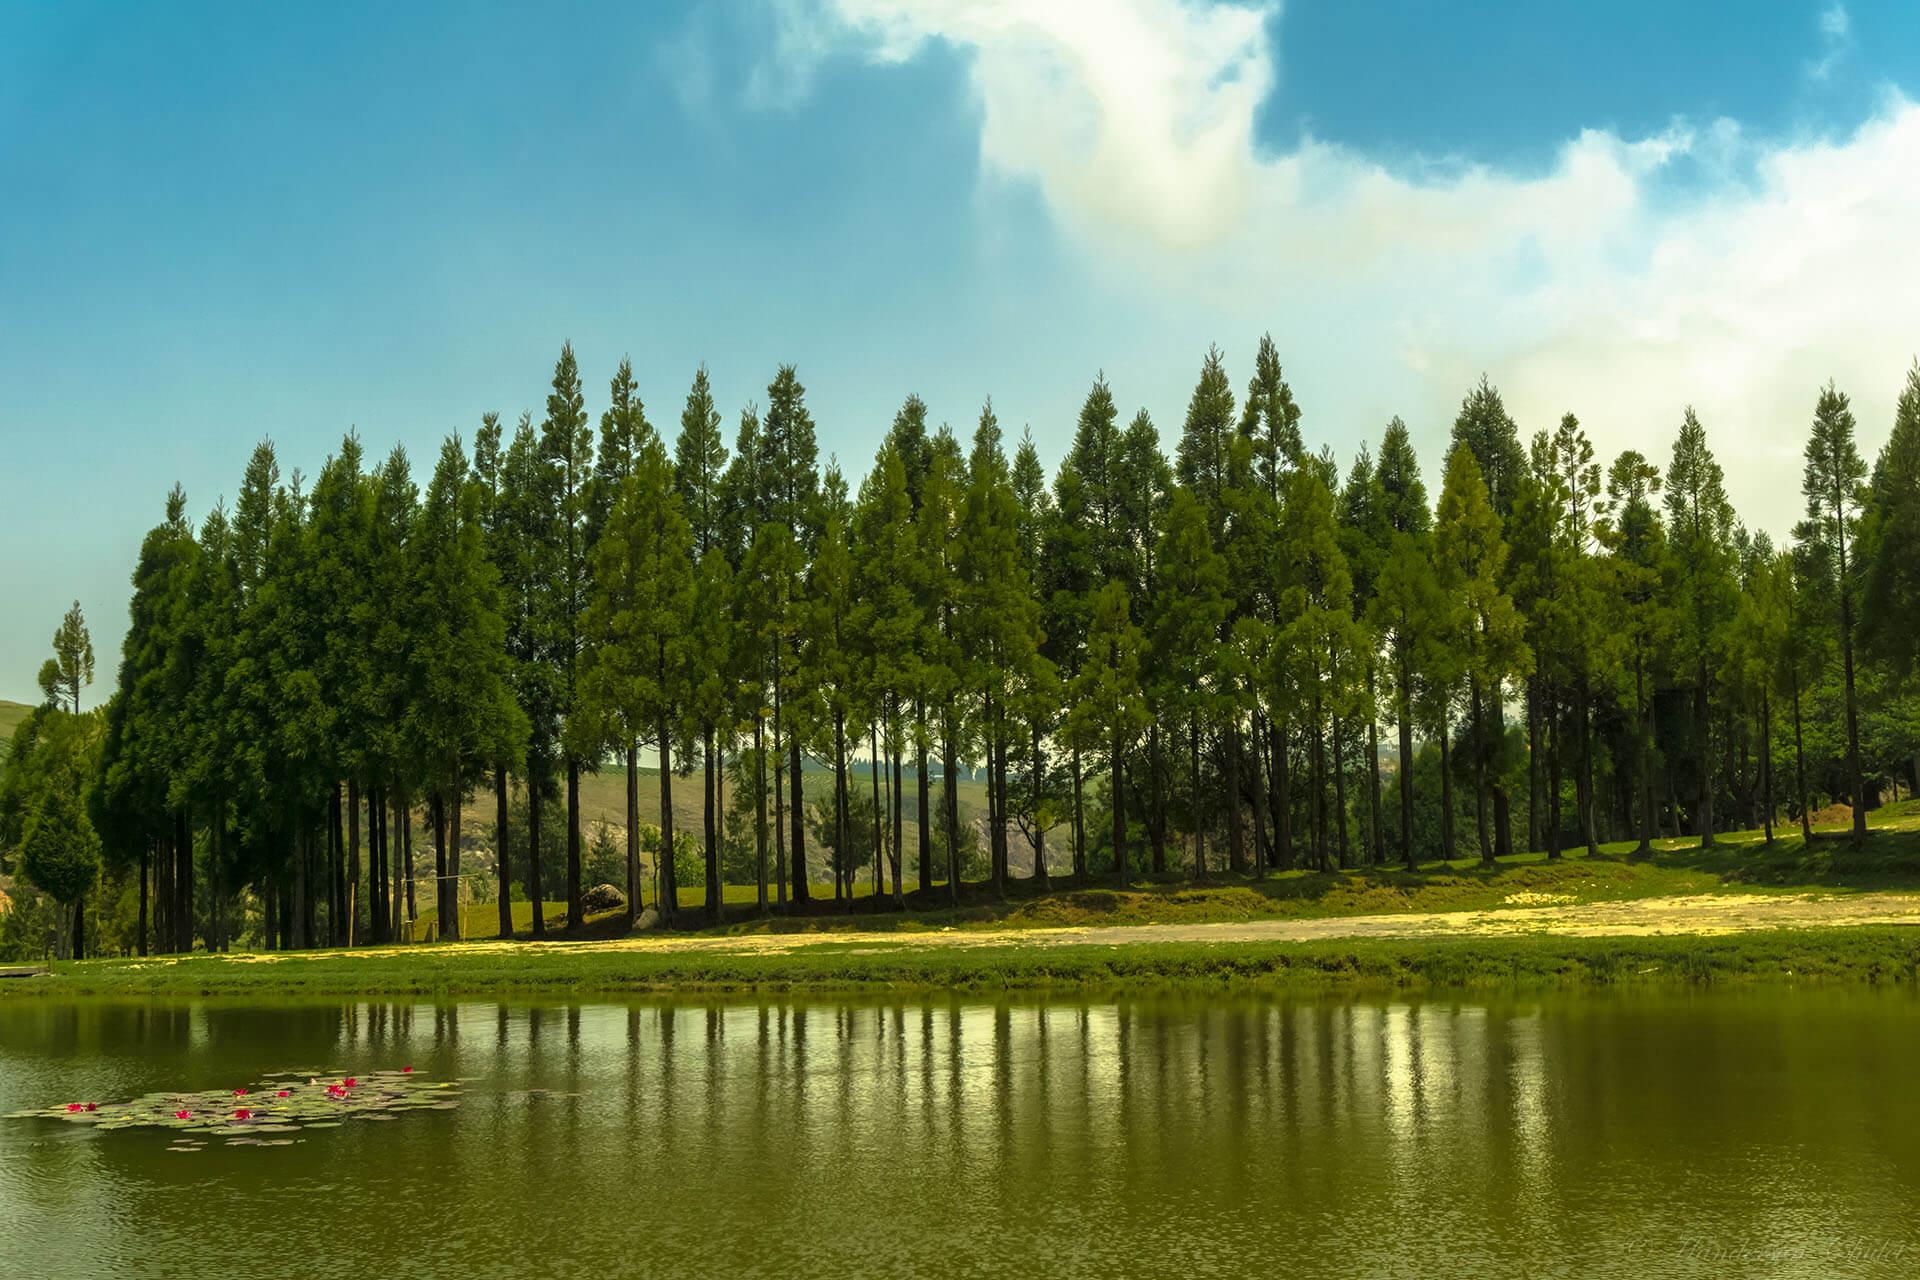 Meghalaya's Landscapes